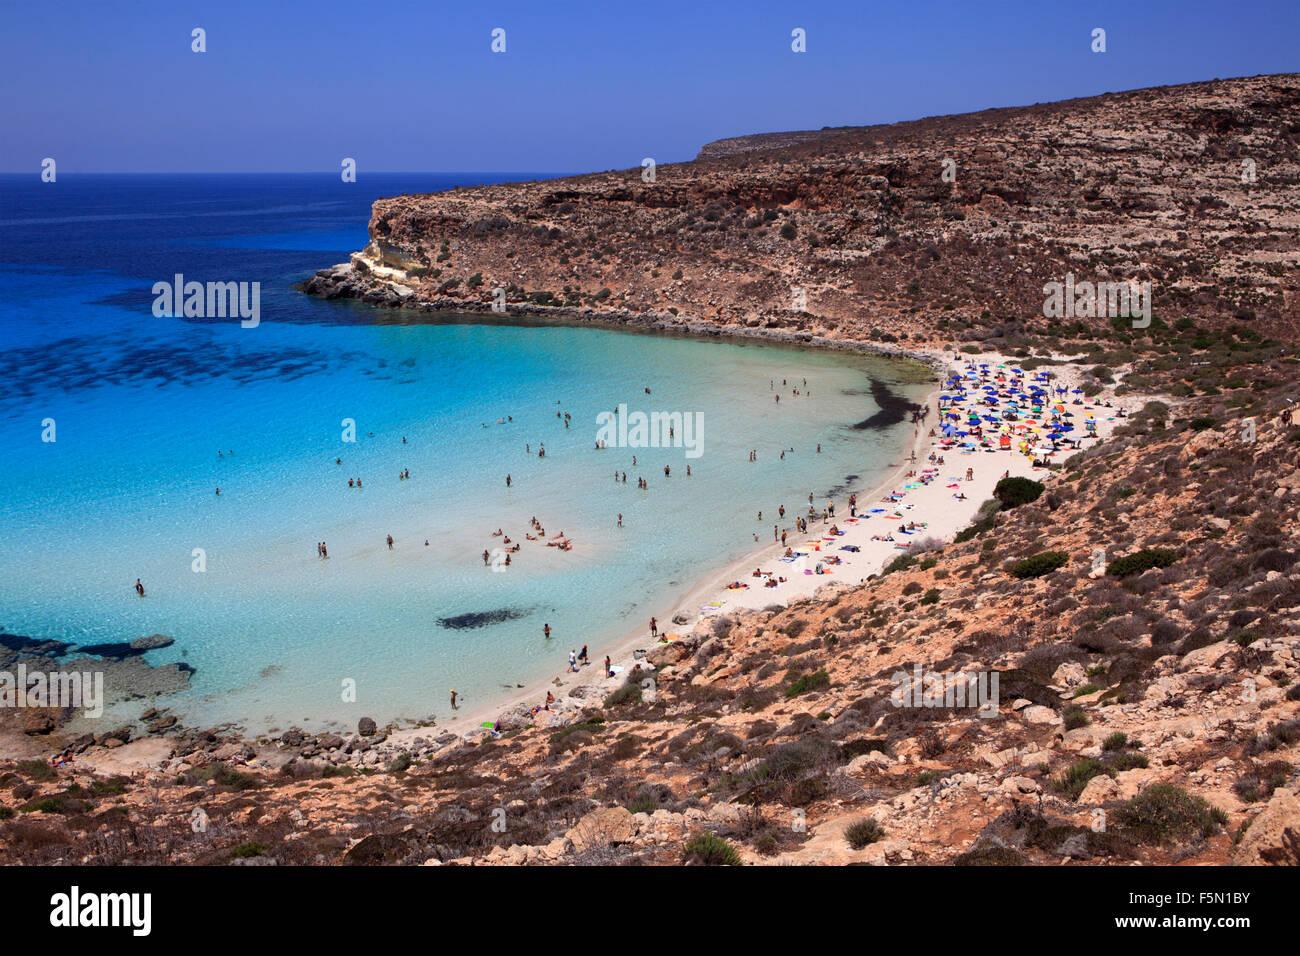 Spiaggia dei conigli a Lampedusa, Sicilia, Italia Immagini Stock